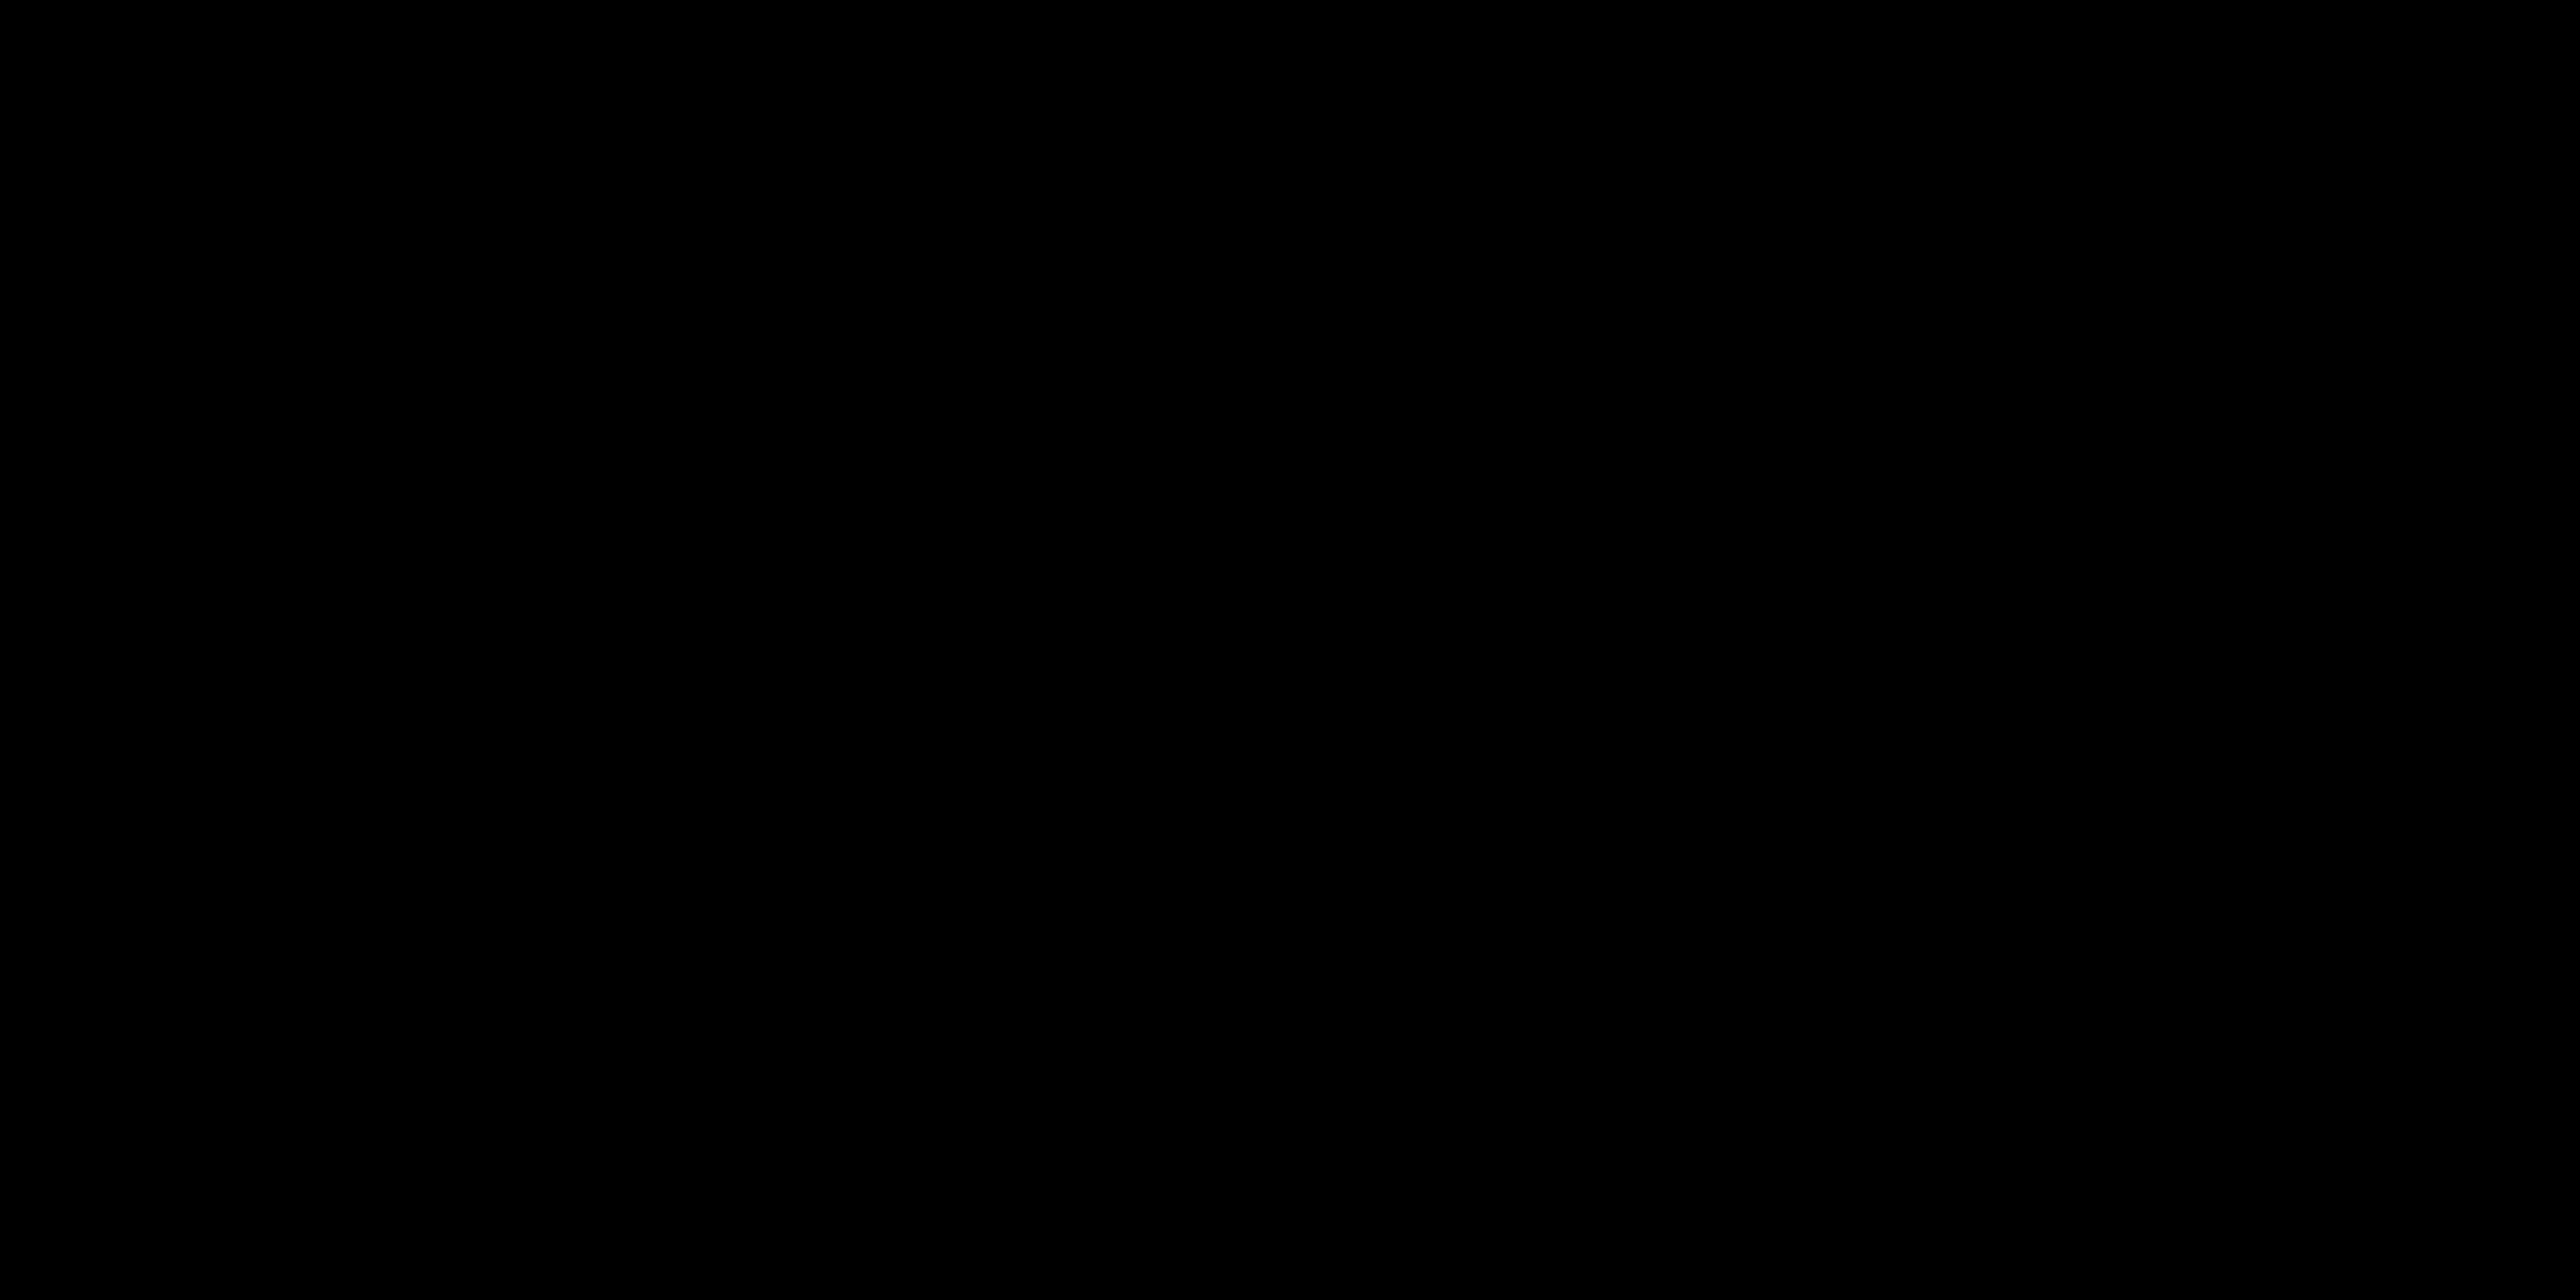 SpatialHadoop